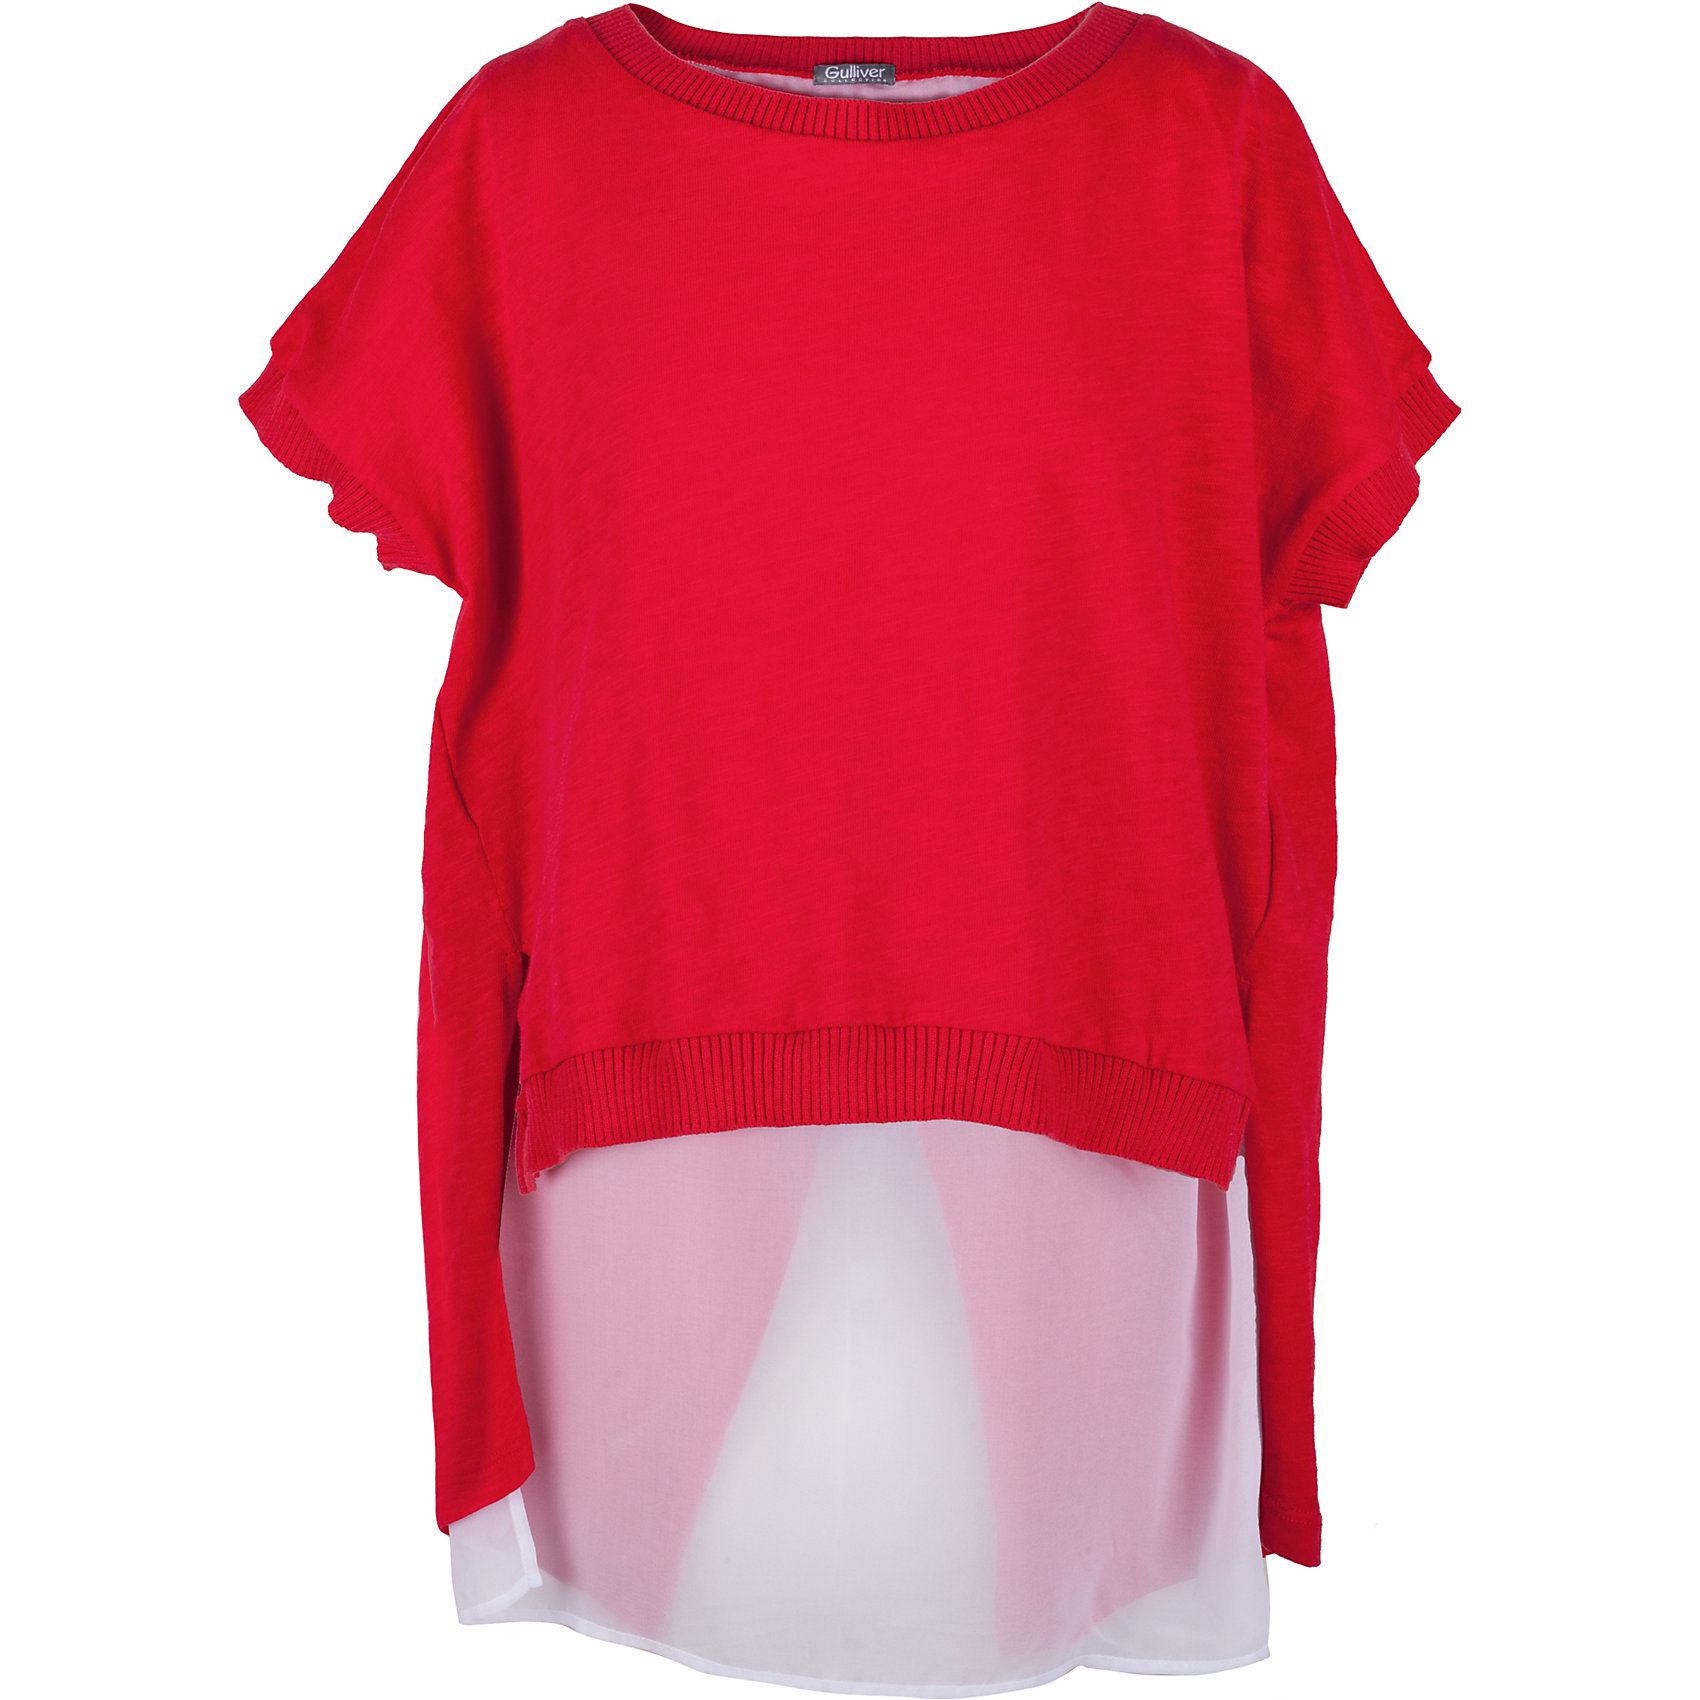 Футболка для девочки GulliverФутболки, поло и топы<br>Вкусовые предпочтения девочки-подростка предугадать не просто. Но дизайнеры Gulliver знают наверняка - современная девочка хочет быть в тренде! Коллекция Коста-Рика отражает самые последние веяния моды, а красная футболка из этой коллекции, с удлиненной линией спинки и отделкой из белого шифона - лучший образец стильной футболки без рисунка.  Интересный дизайн, оригинальный крой, насыщенный цвет - в этой футболке юная модница будет чувствовать себя уверенно и комфортно! Красная футболка - прекрасный компаньон для ярких орнаментальных изделий. Она подчеркнет индивидуальный стиль и хороший вкус юной леди.<br>Состав:<br>100% хлопок/                   100% полиэстер<br><br>Ширина мм: 199<br>Глубина мм: 10<br>Высота мм: 161<br>Вес г: 151<br>Цвет: красный<br>Возраст от месяцев: 156<br>Возраст до месяцев: 168<br>Пол: Женский<br>Возраст: Детский<br>Размер: 164,158,146,152<br>SKU: 5483110